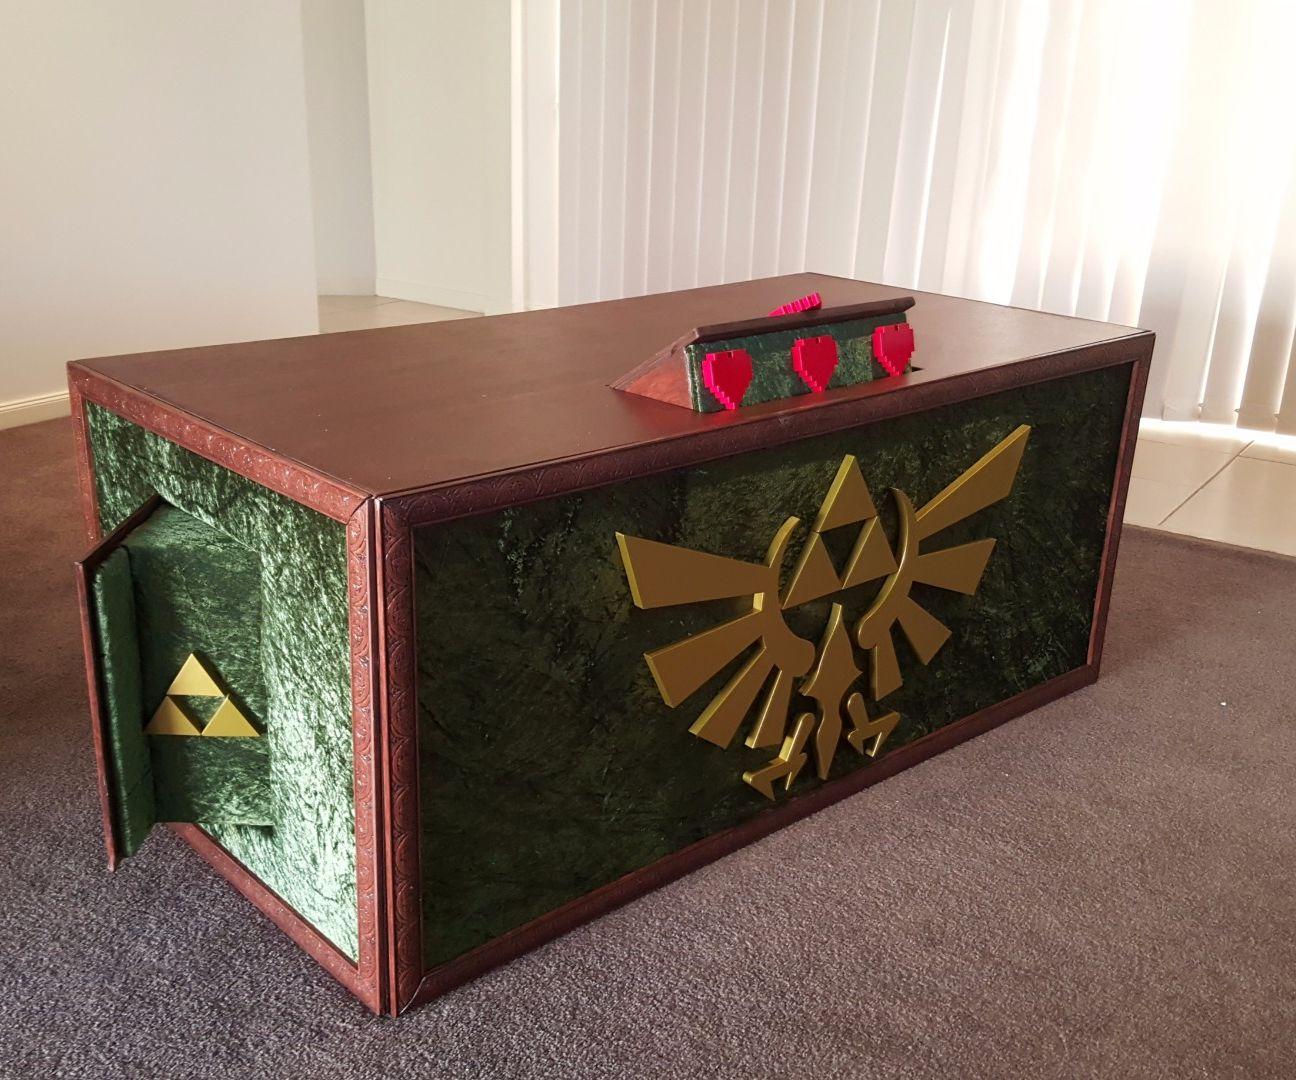 Legend of Zelda Surround Sound Tv Cabinet